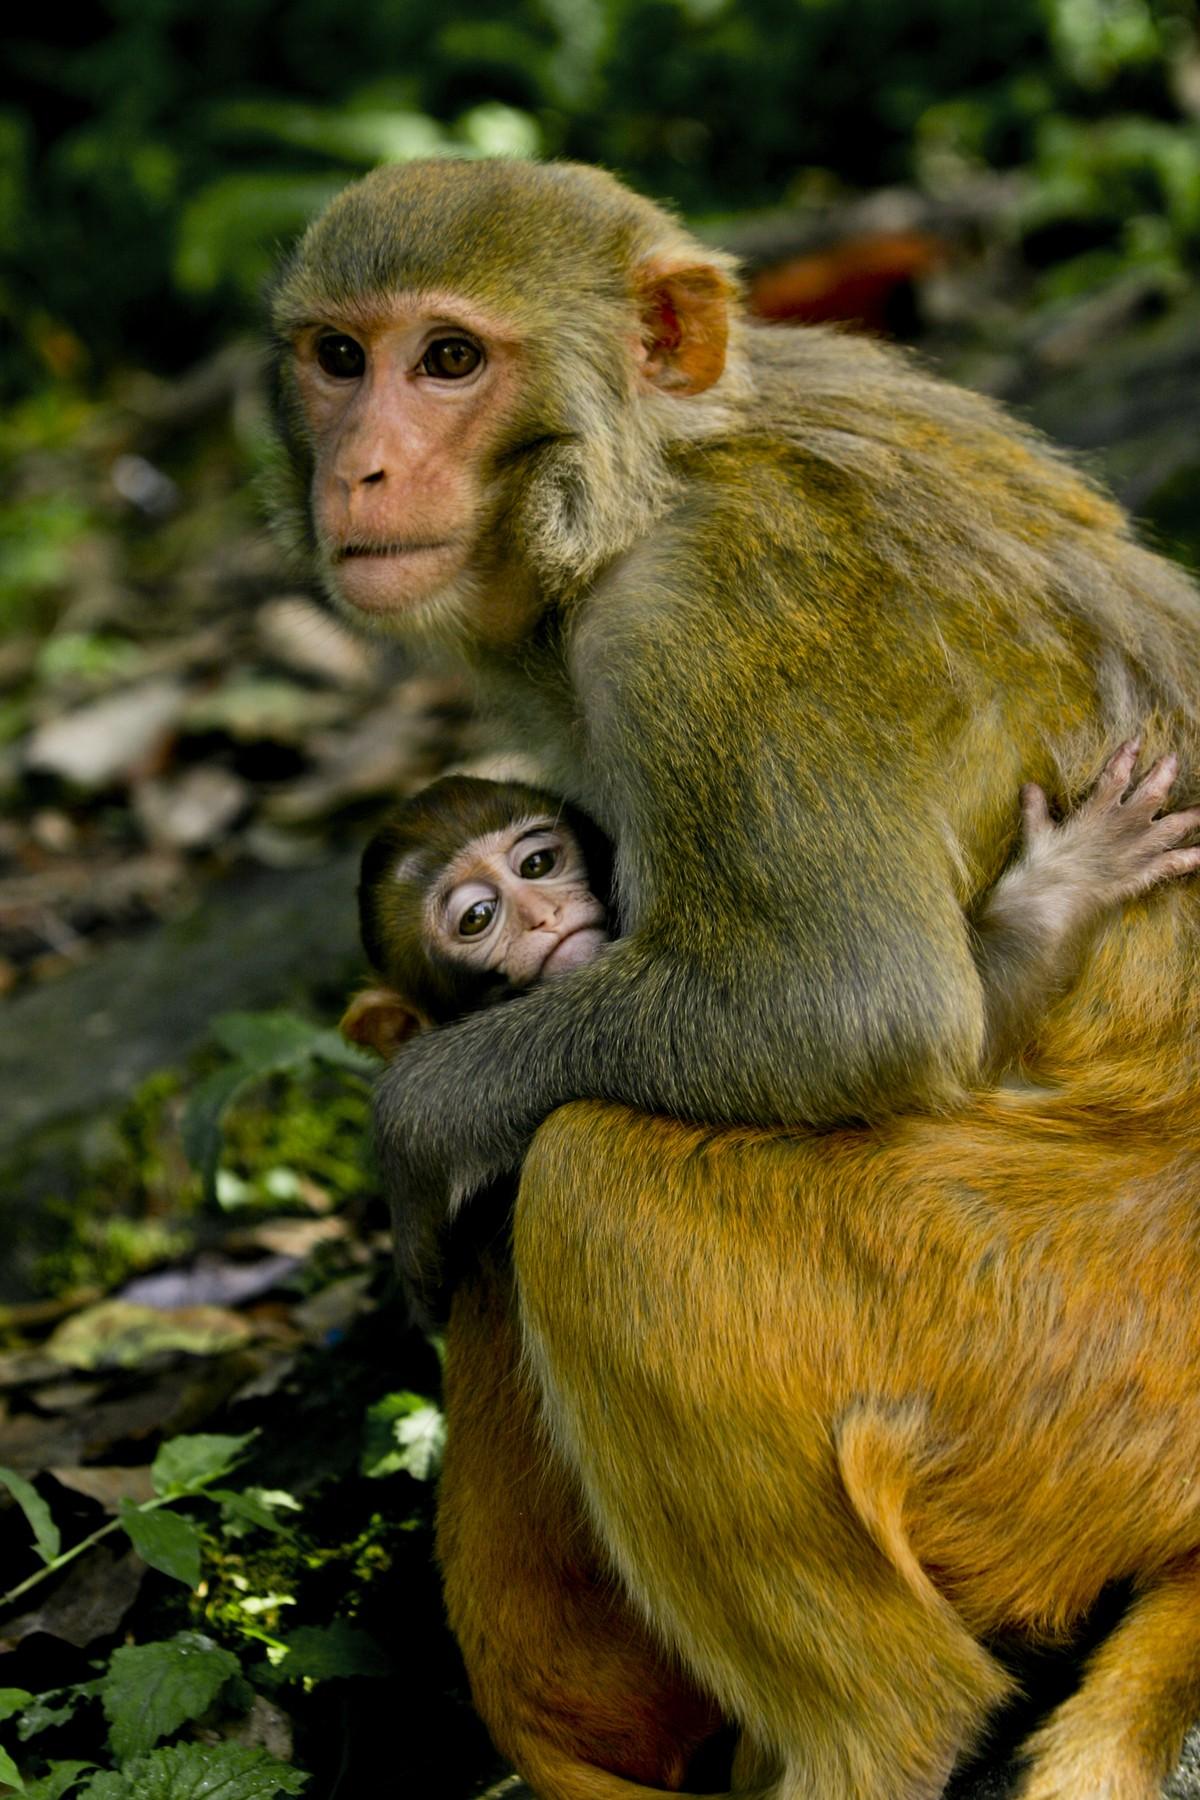 Monkey and Baby Monkey Hugging